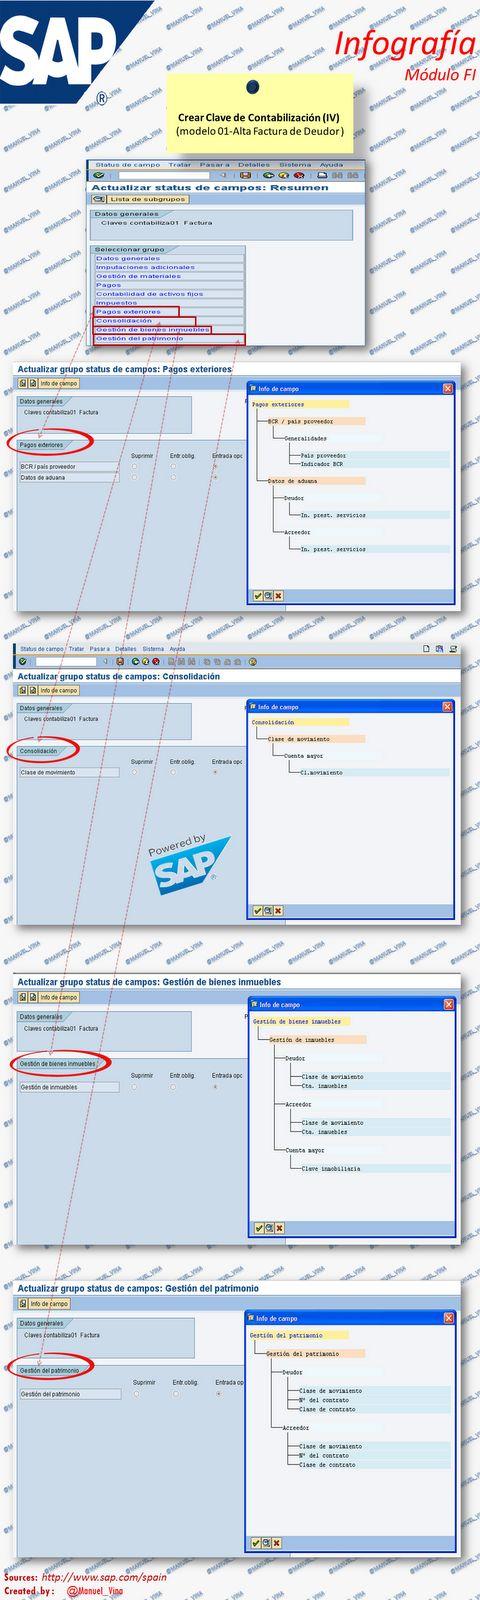 |24| #Infografía sobre #Sap-Fi Crear Clave de Contabilización (IV) | Notas prácticas de gestión.